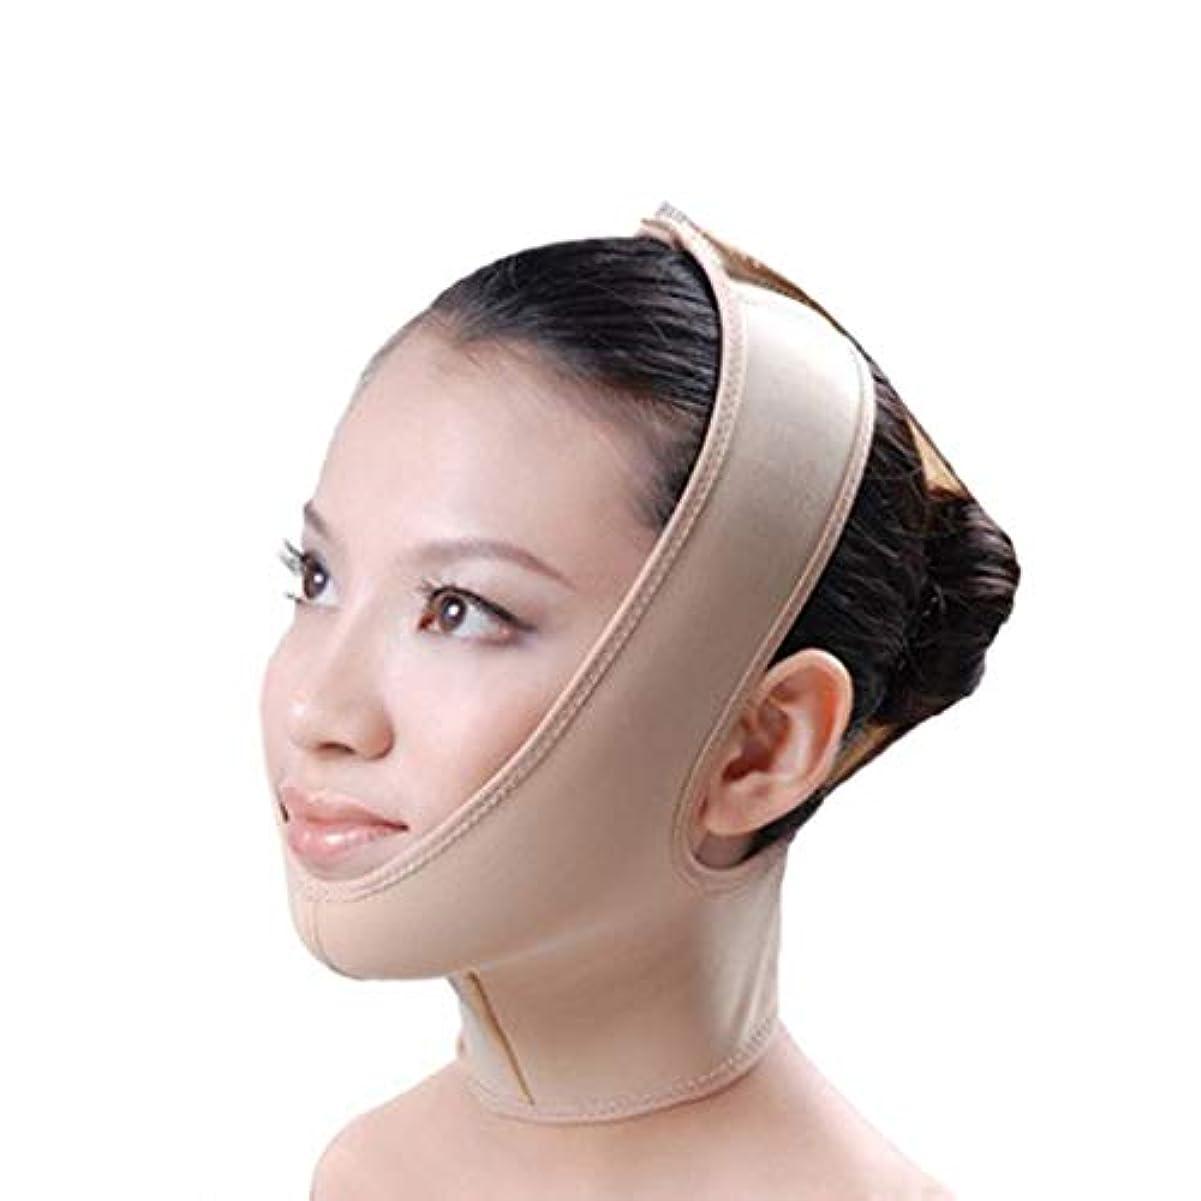 報いる模倣バターXHLMRMJ フェイススリム、リフティングマスク、包帯リフト、ダブルチン、ファーミングフェイシャルリフト、フェイシャル減量マスク、リフティングスキンバンデージ (Size : L)